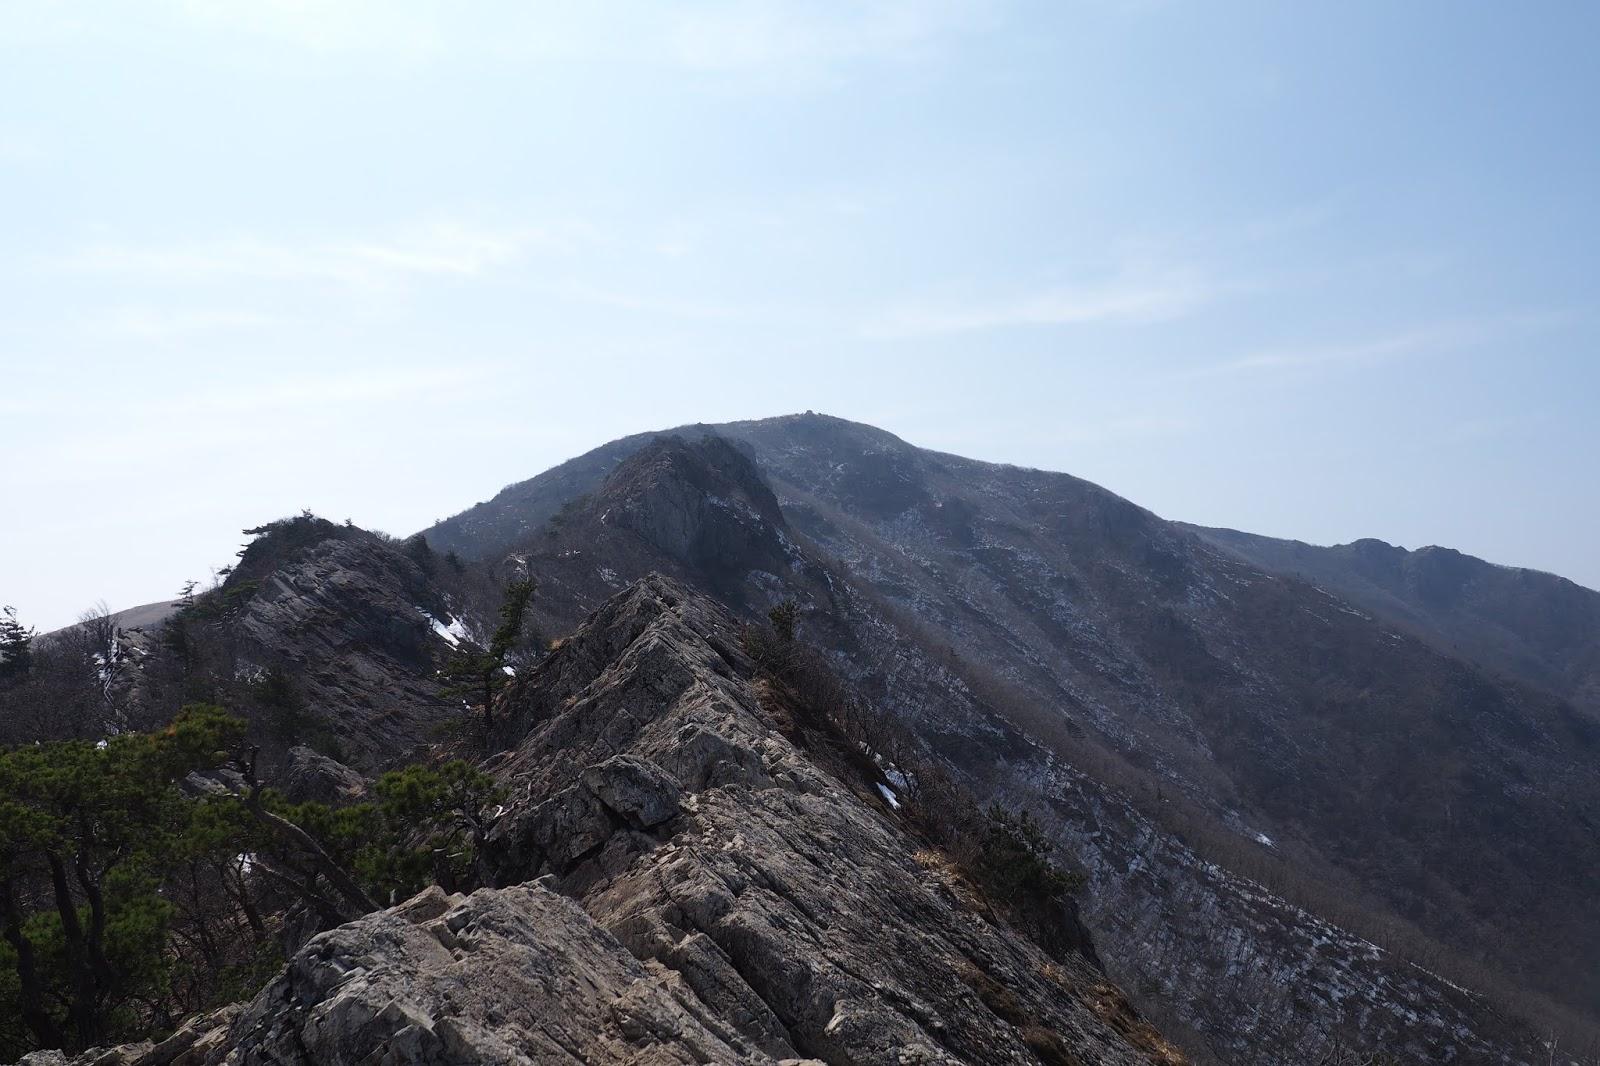 간월재 肝月嶺 신불산 神佛山 영남알프스 嶺南阿爾卑斯